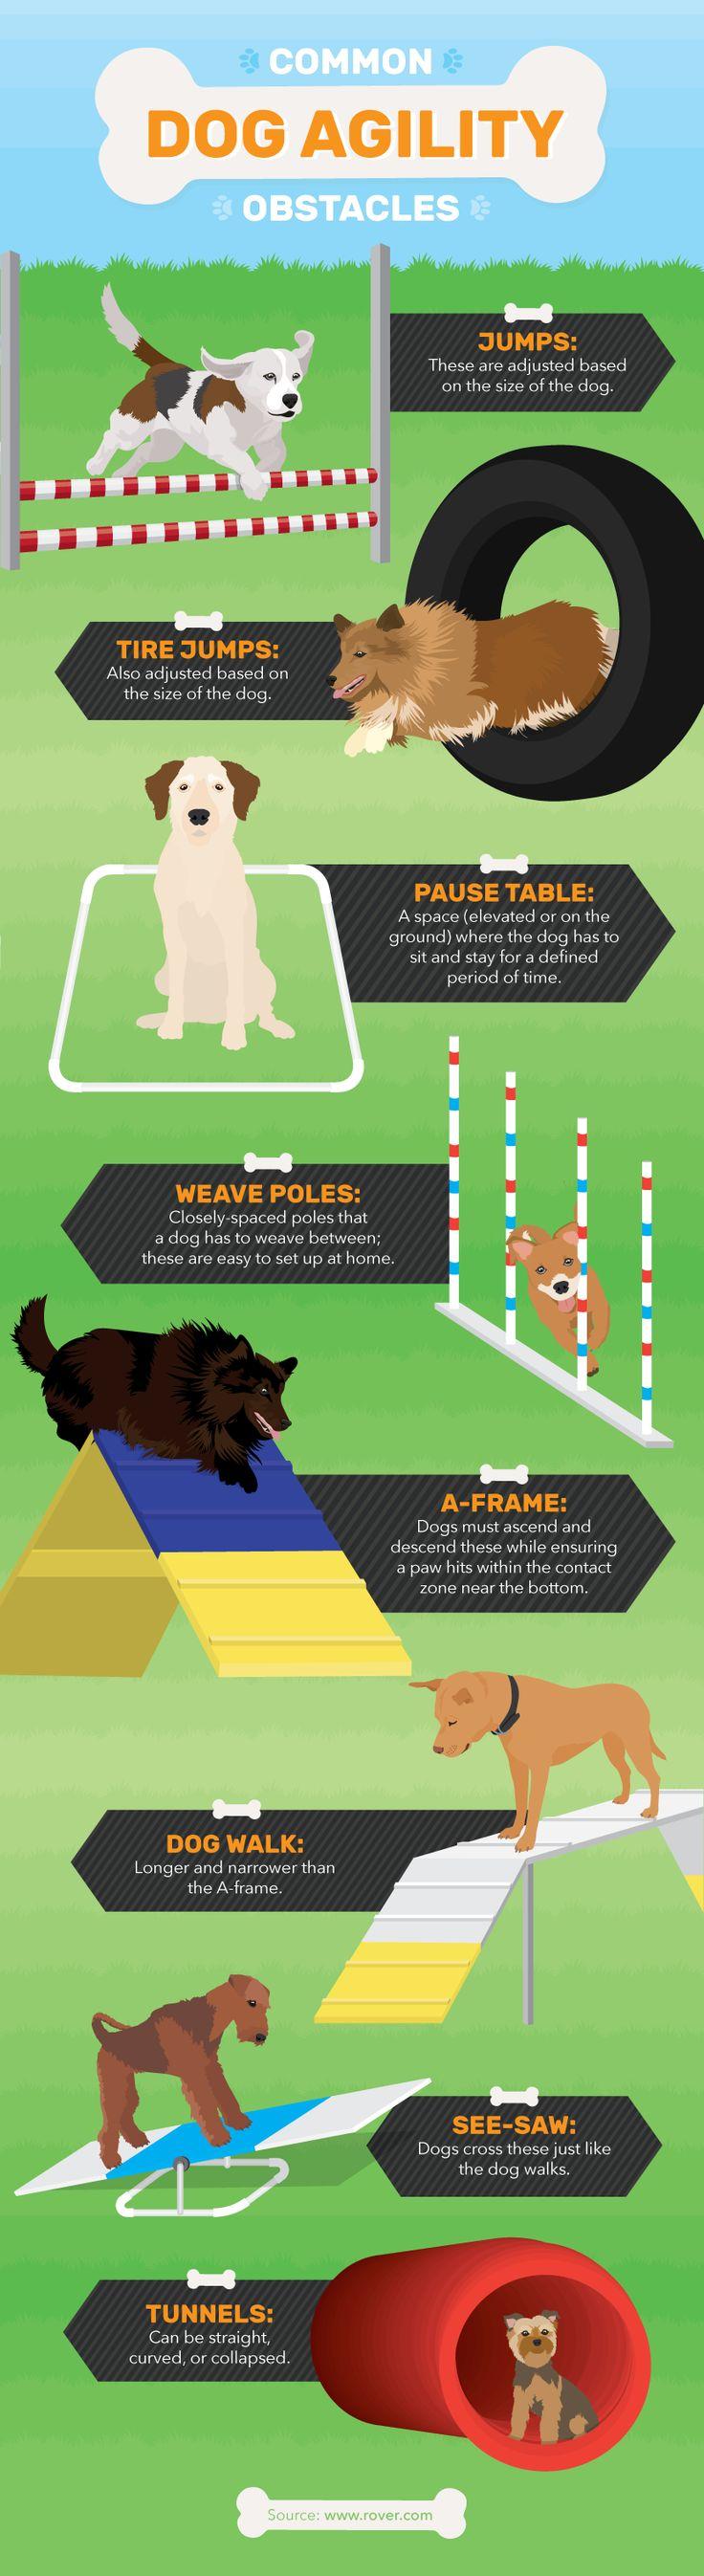 Dog Agility Obstacle Course - Dog Agility Training